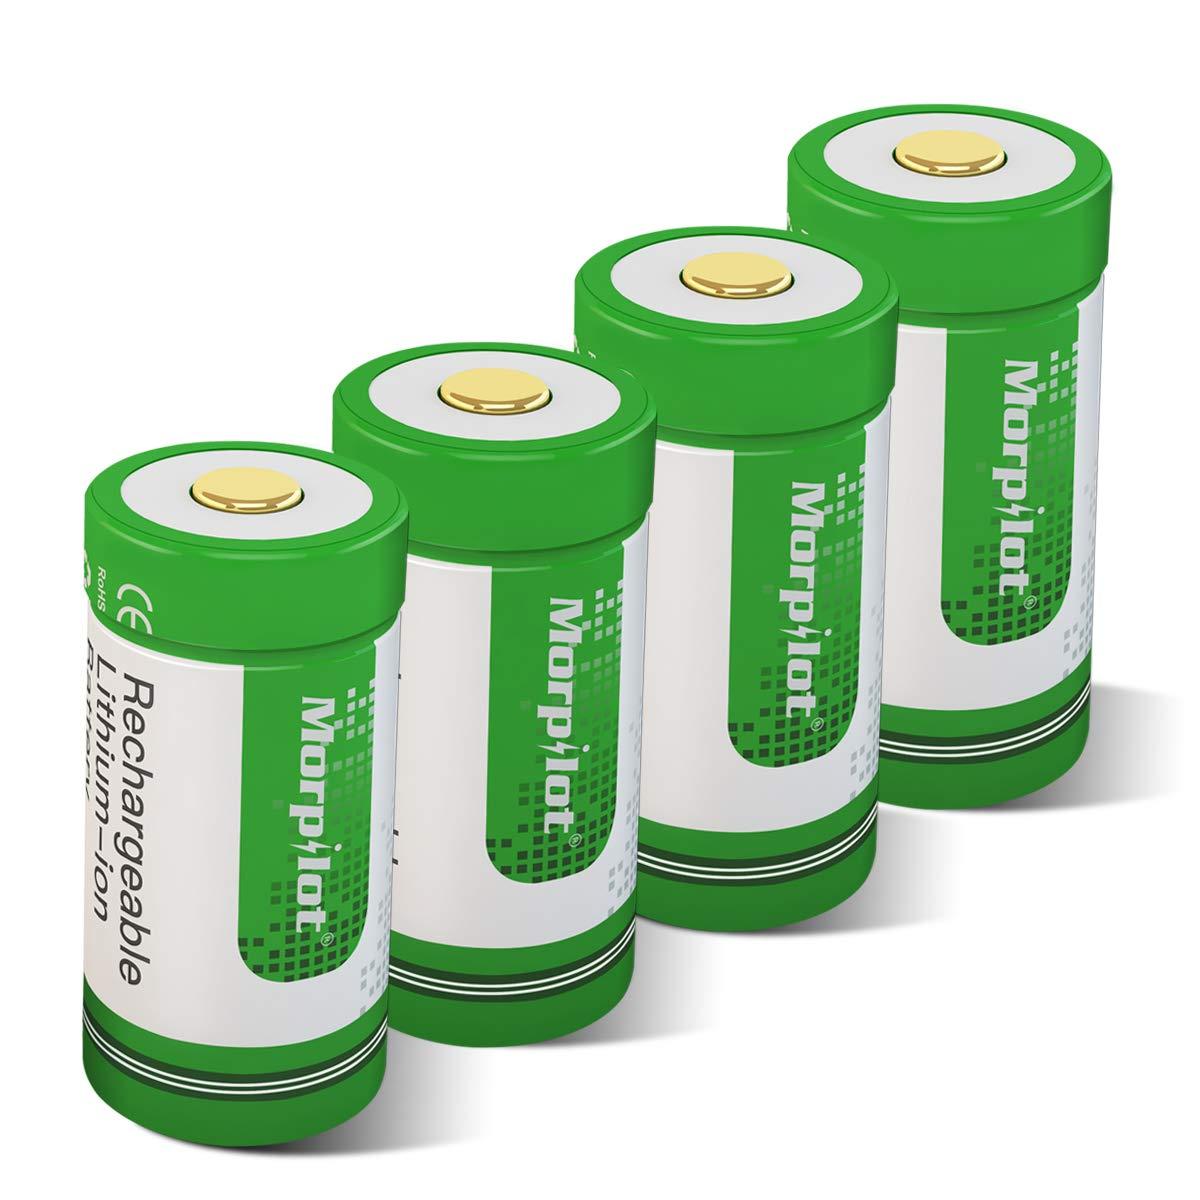 Morpilot RCR123A Batteria, CR123A Ricaricabile 3.7V 700mAh per Fotocamera Arlo, Caricare 500 Volte Riutilizzabile, Professionale per Fotocamera Arlo VMS3030/3130/3230/3330/3430(4PCS)